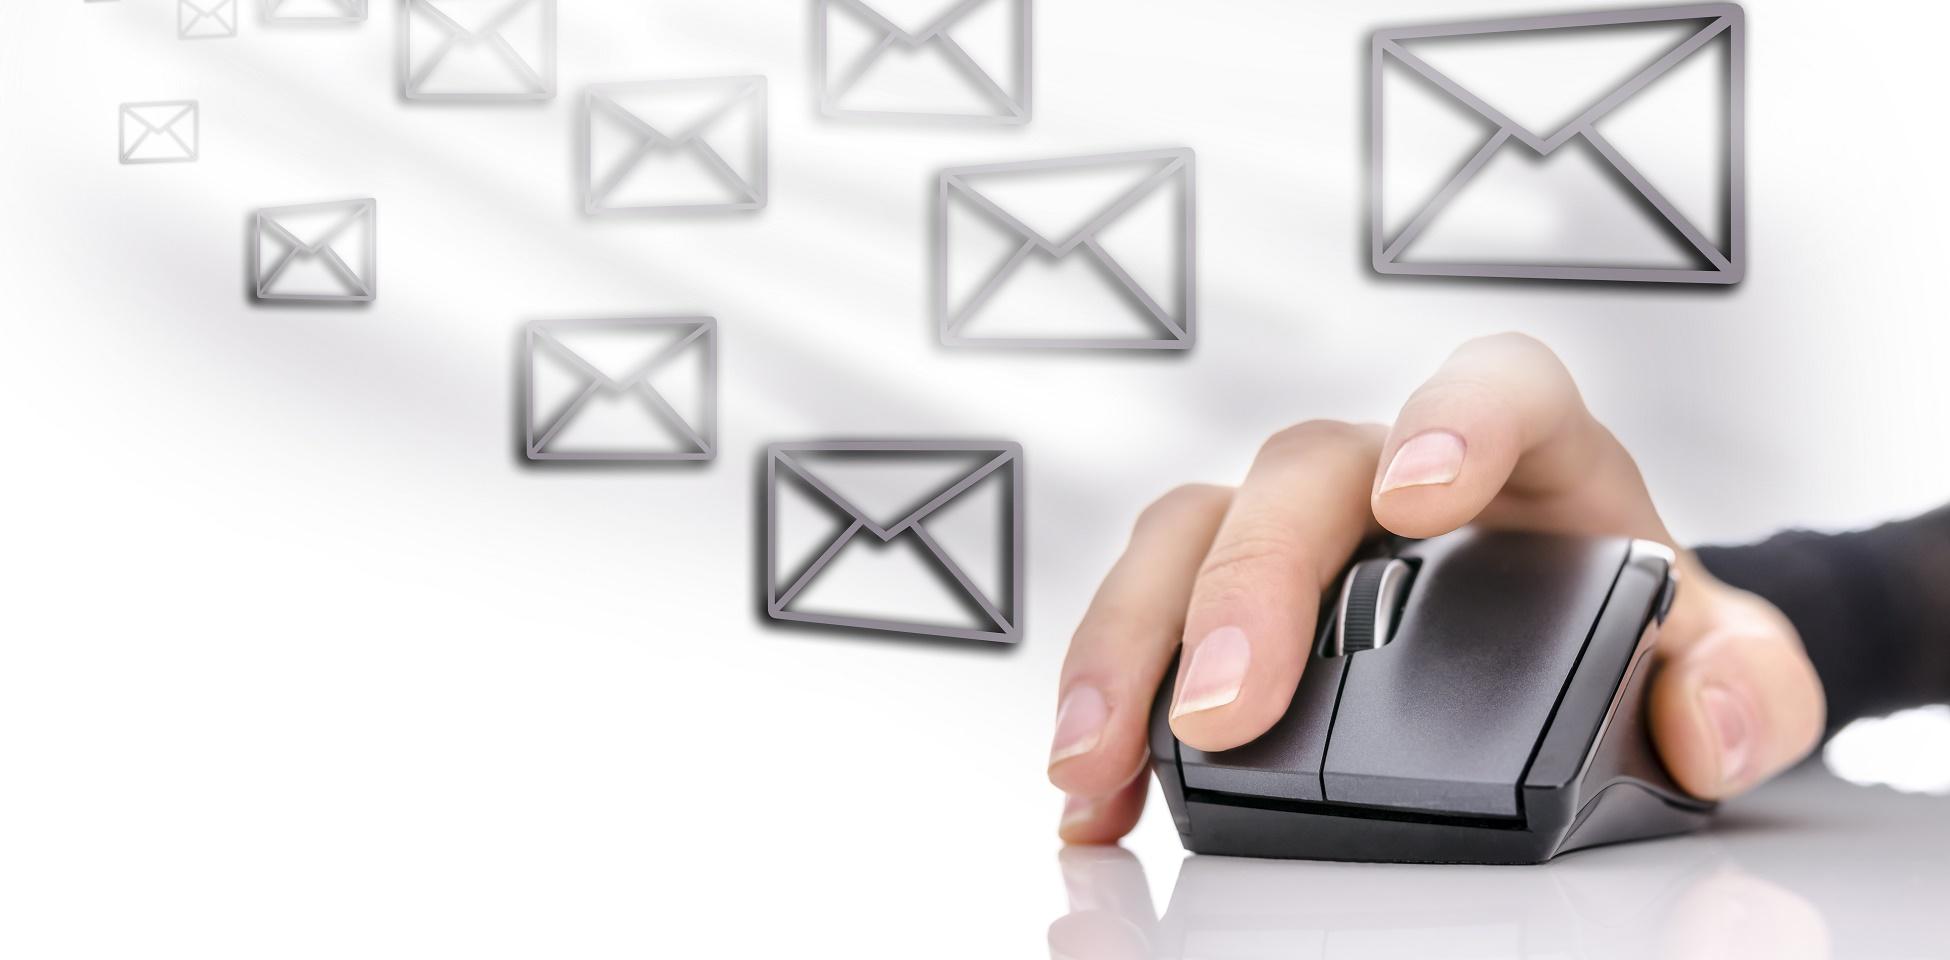 La regla de los tres emails o cómo ser más productivo con el correo